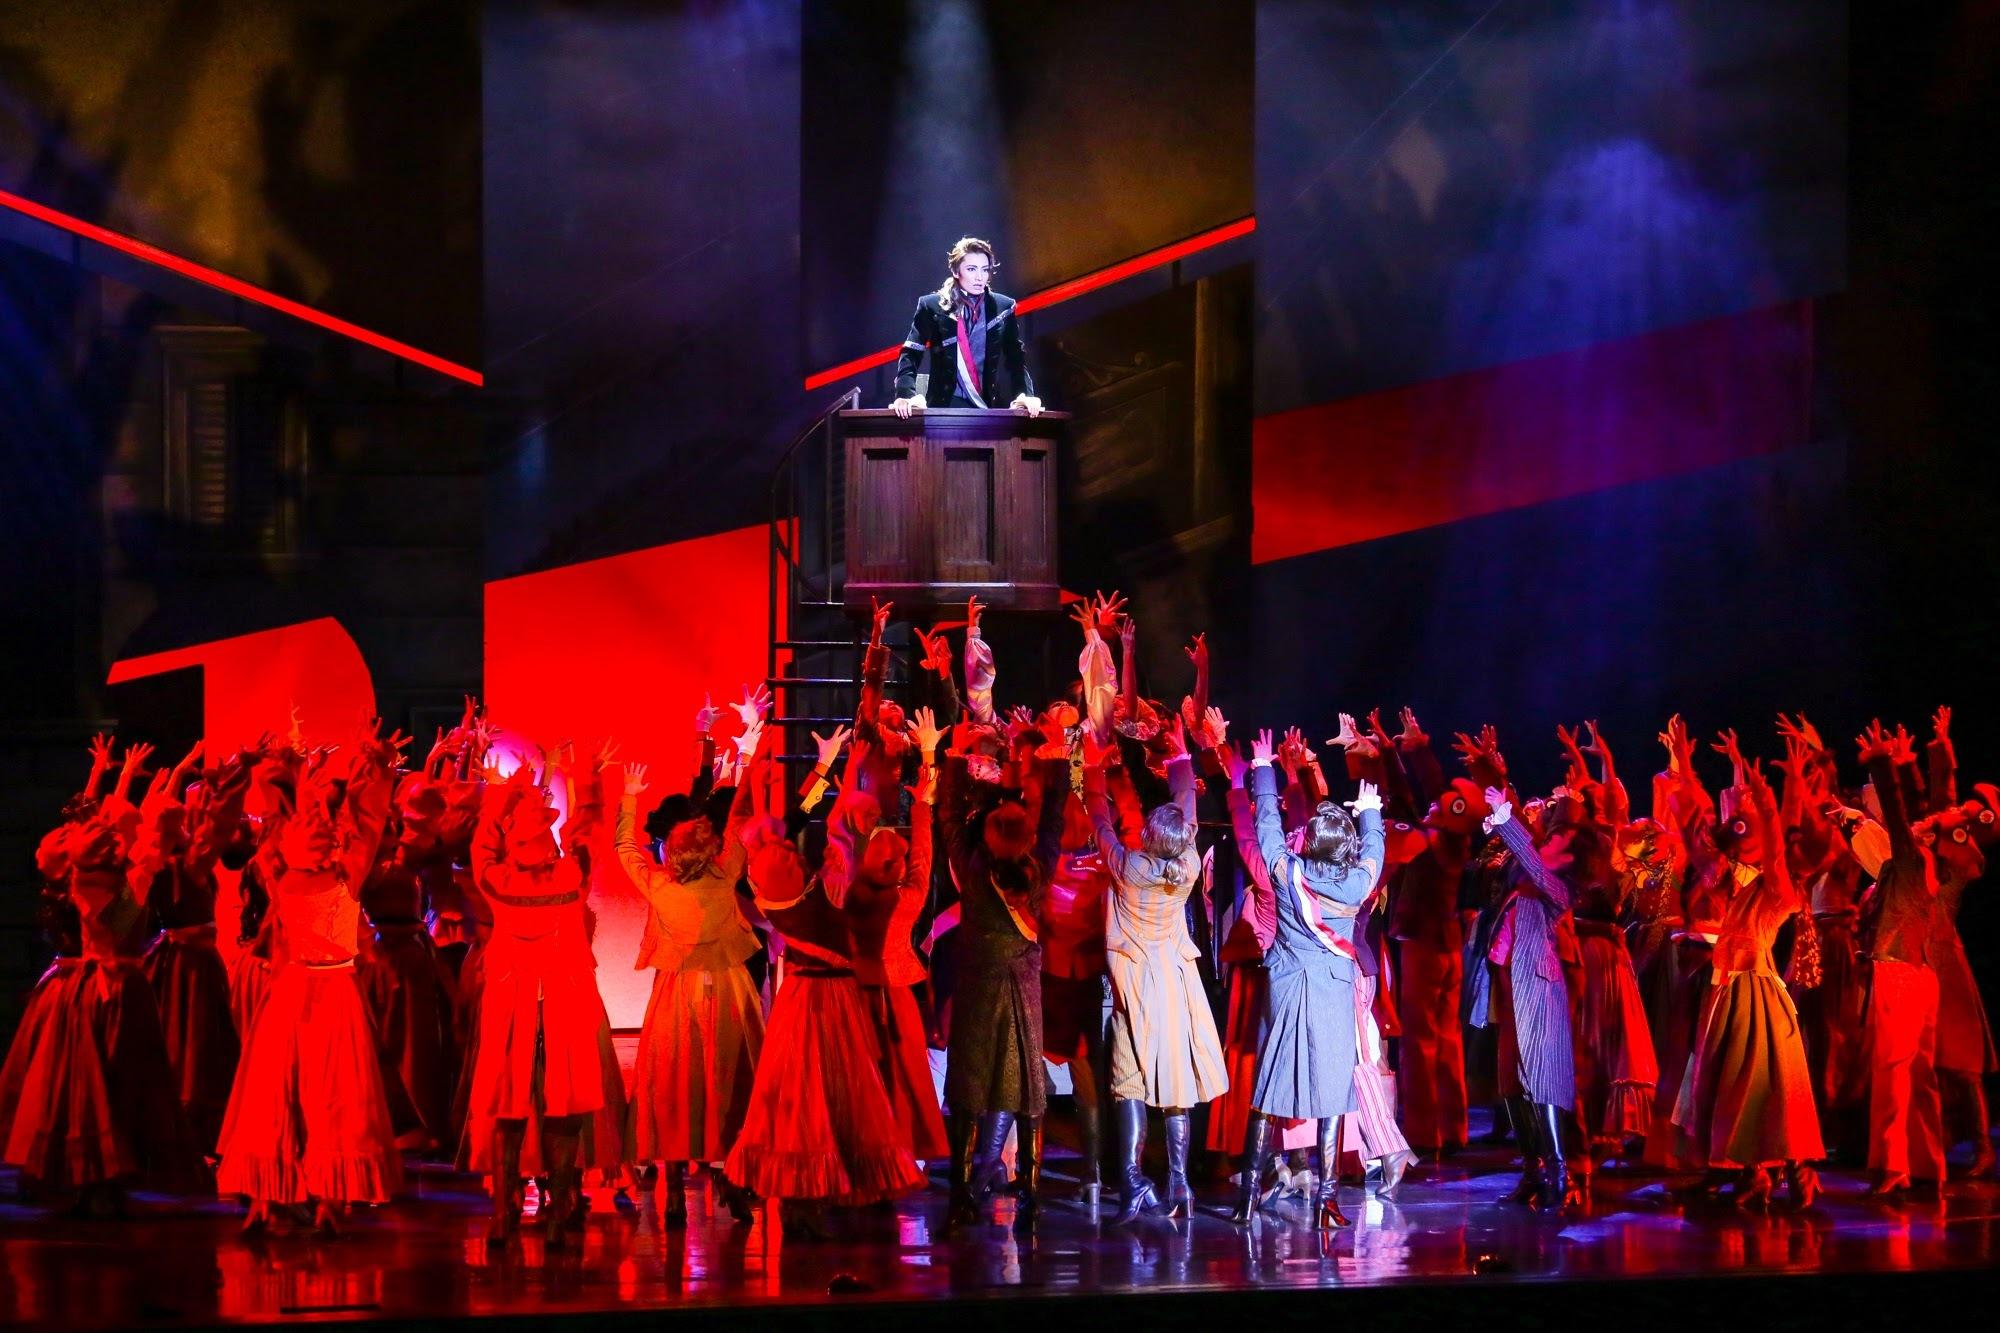 恐怖政治を宣言するロベスピエール (c)宝塚歌劇団